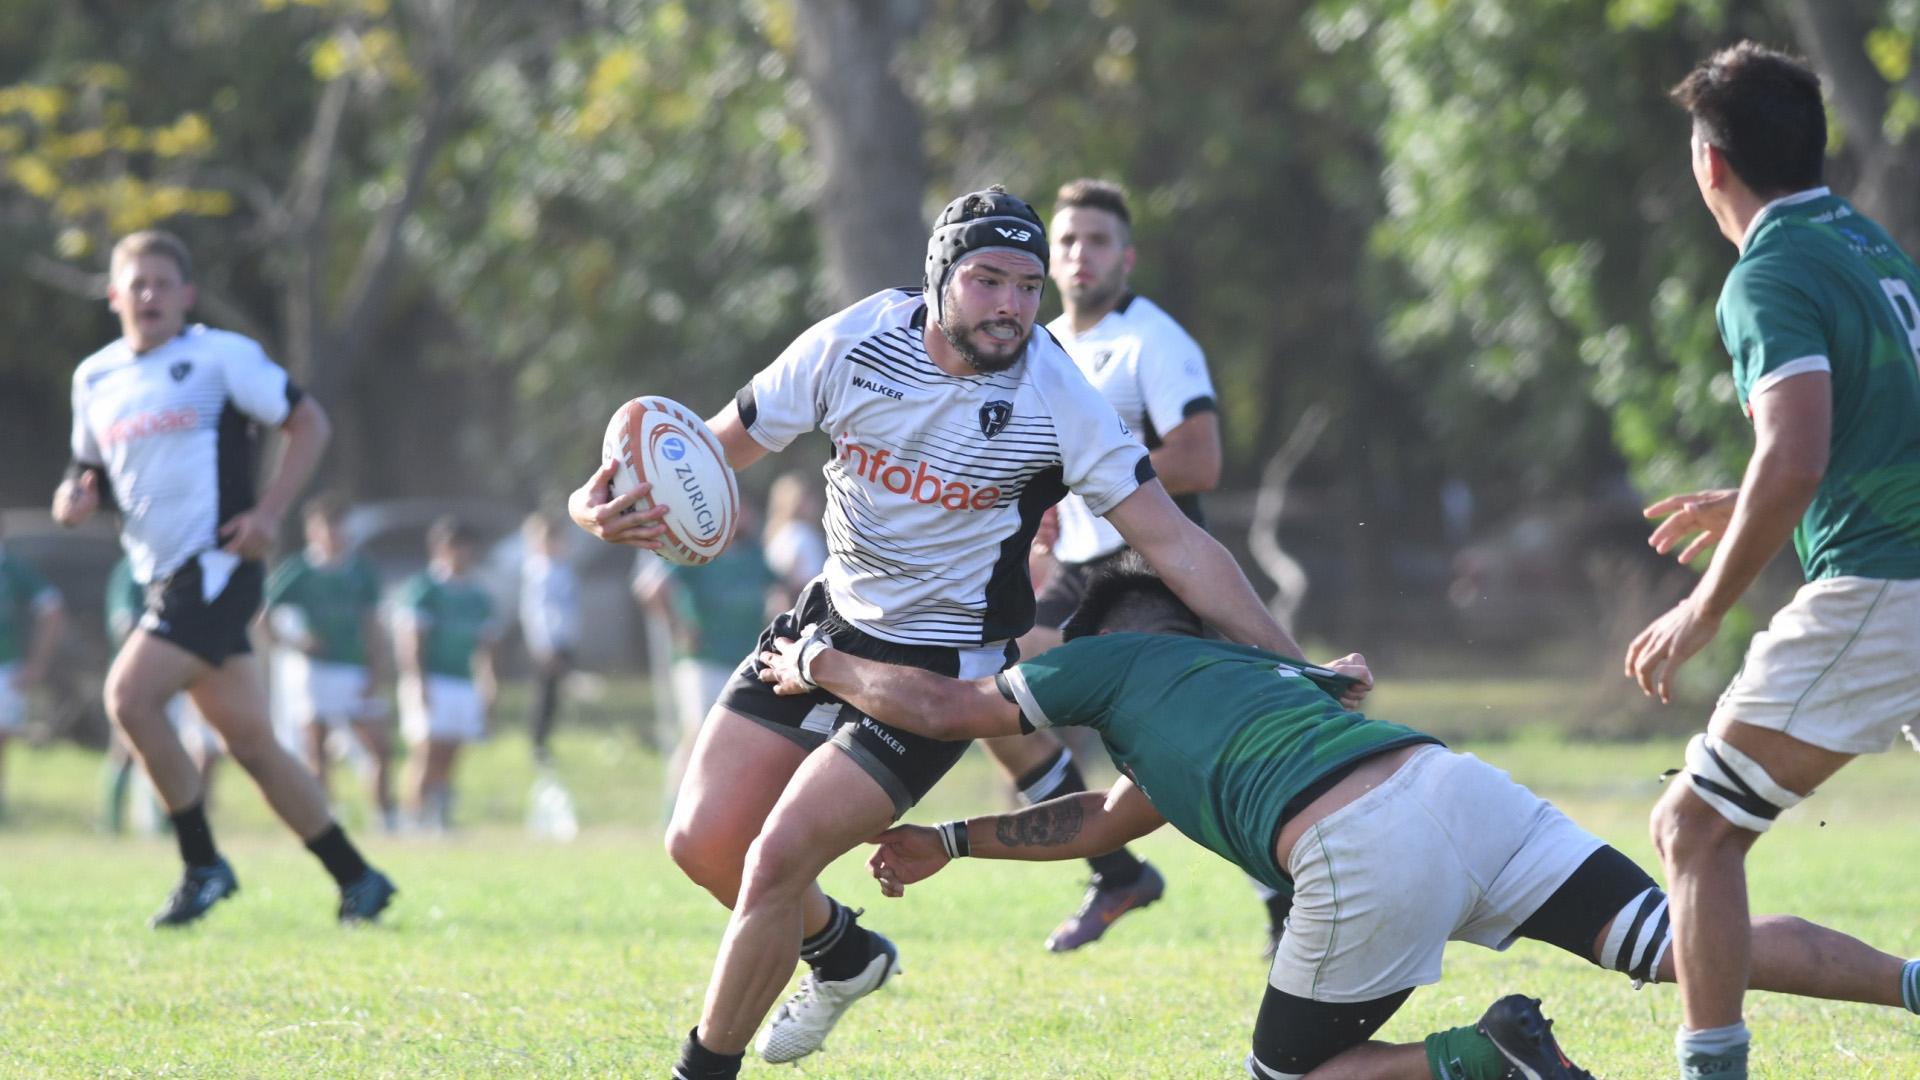 Gonzalo García Lofriego, capitán de Floresta Rugby, trata de escapar de la marca. (Fabián Ramella)